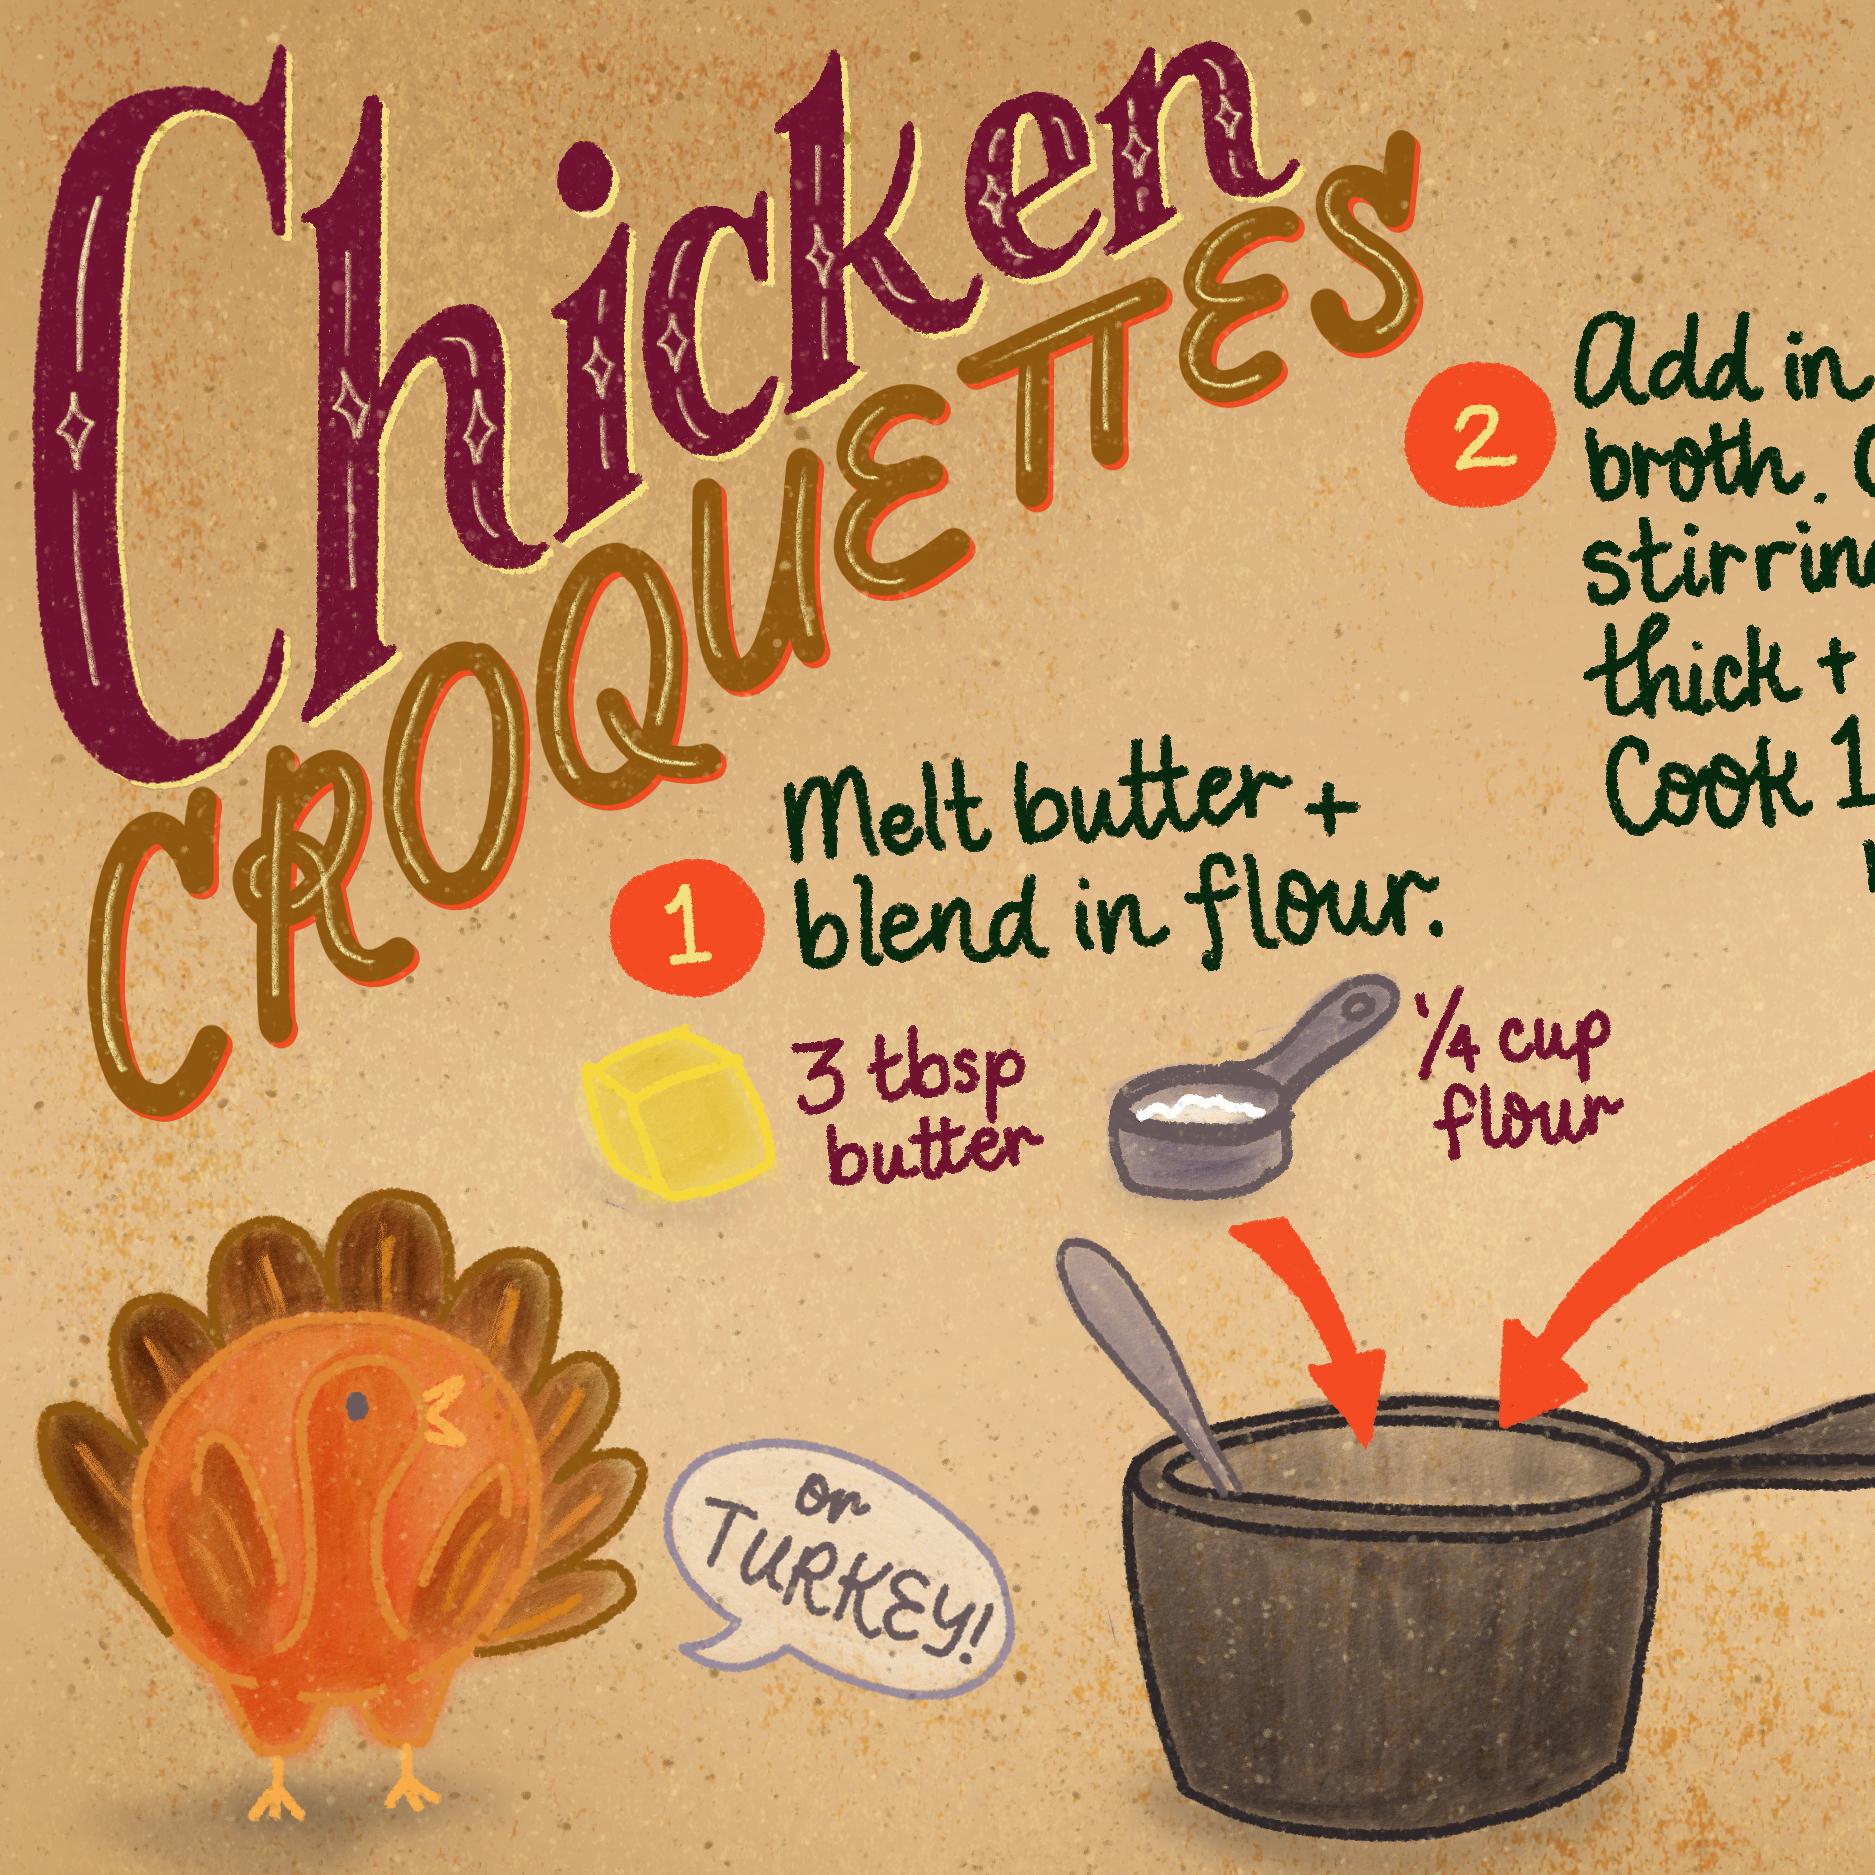 Chicken Croquette Recipe Illustration